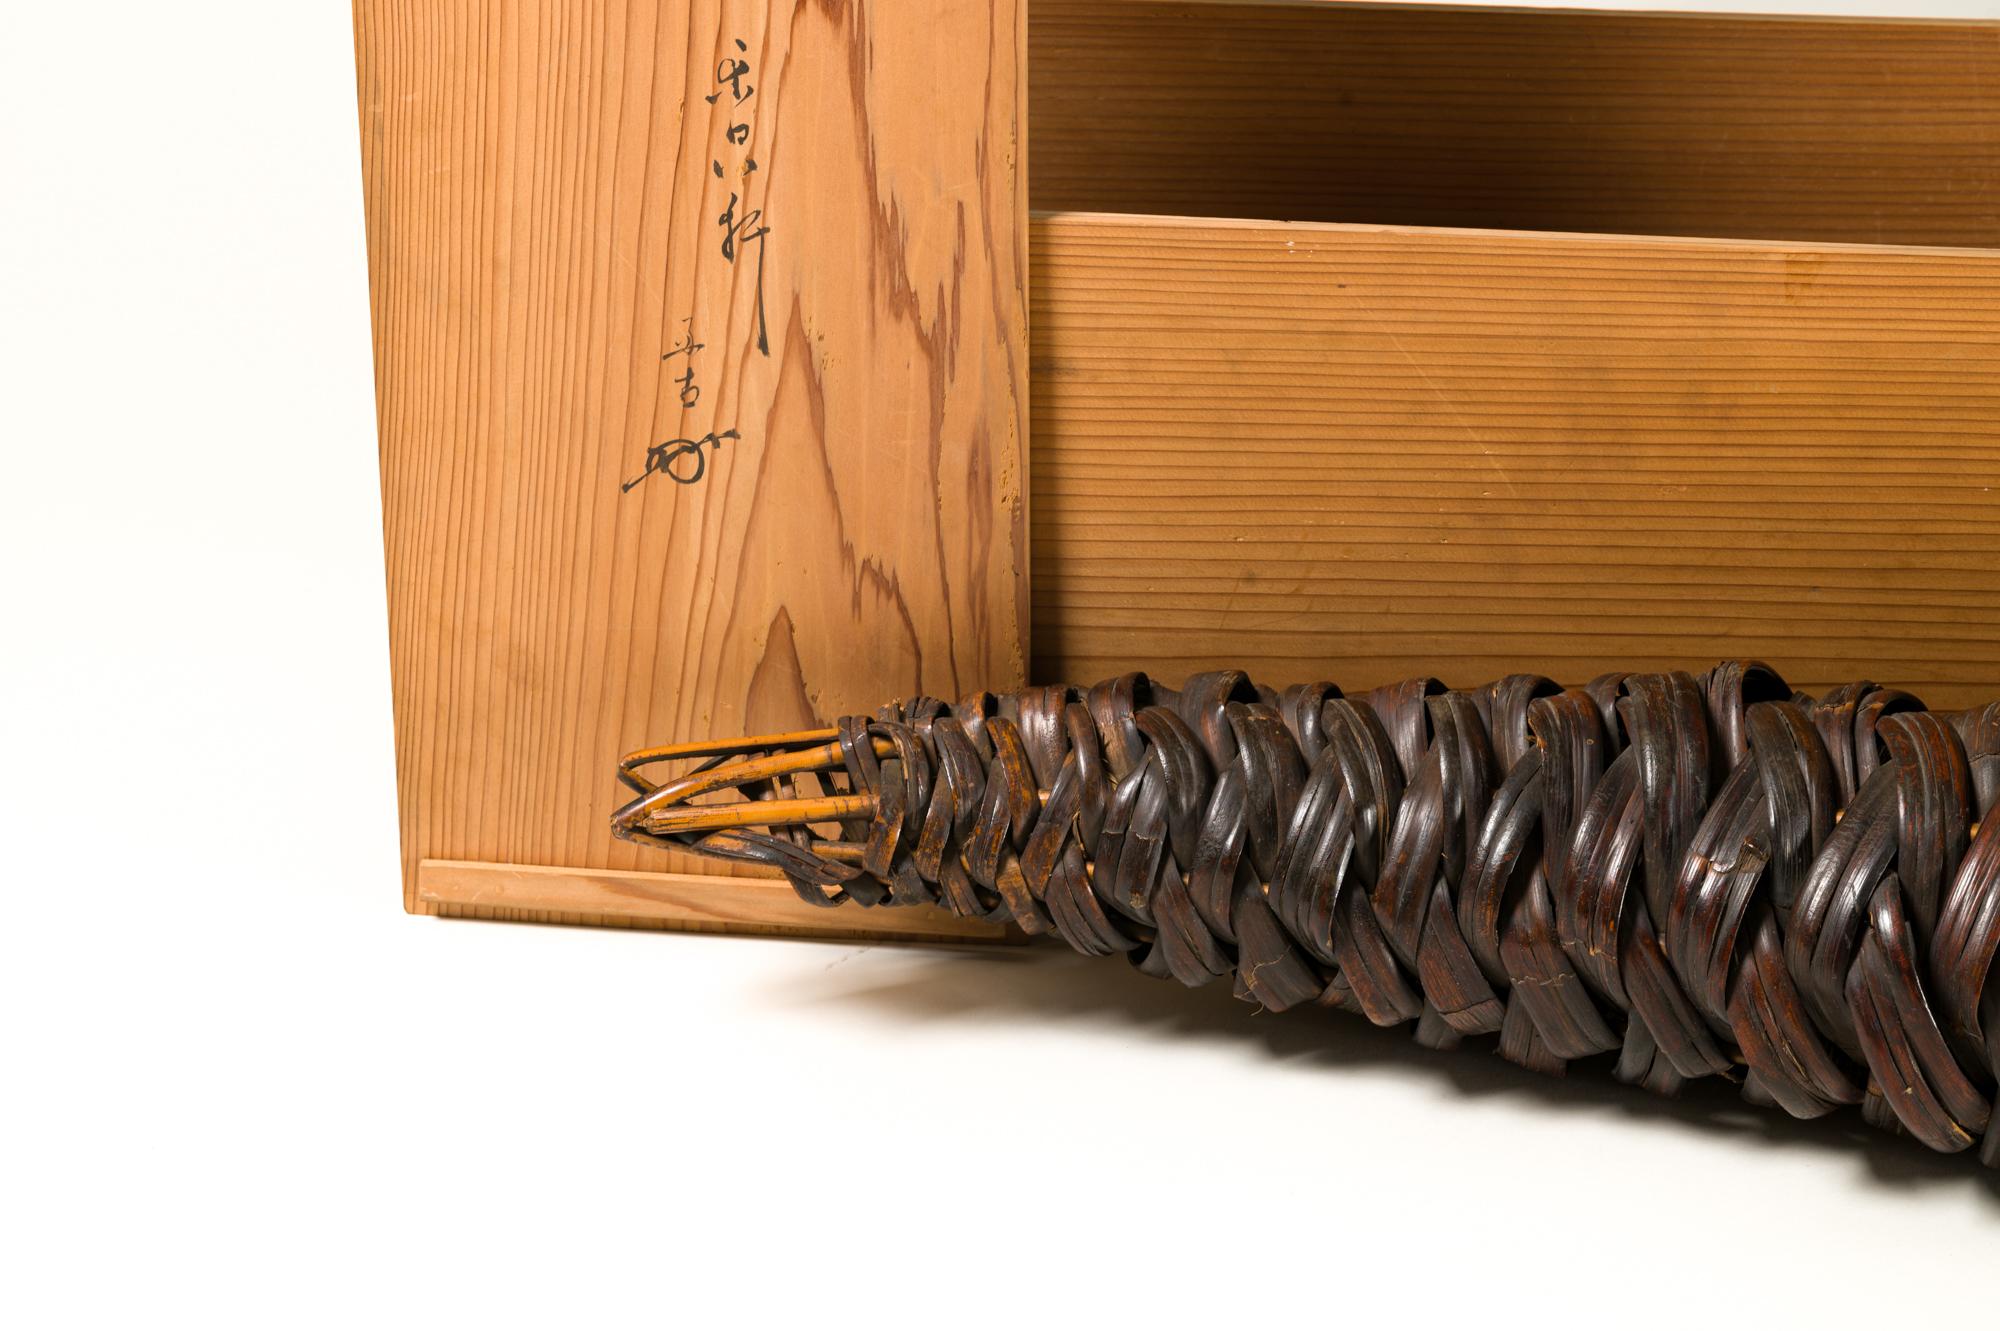 Oversize Antique Japanese Hanging Flower Basket